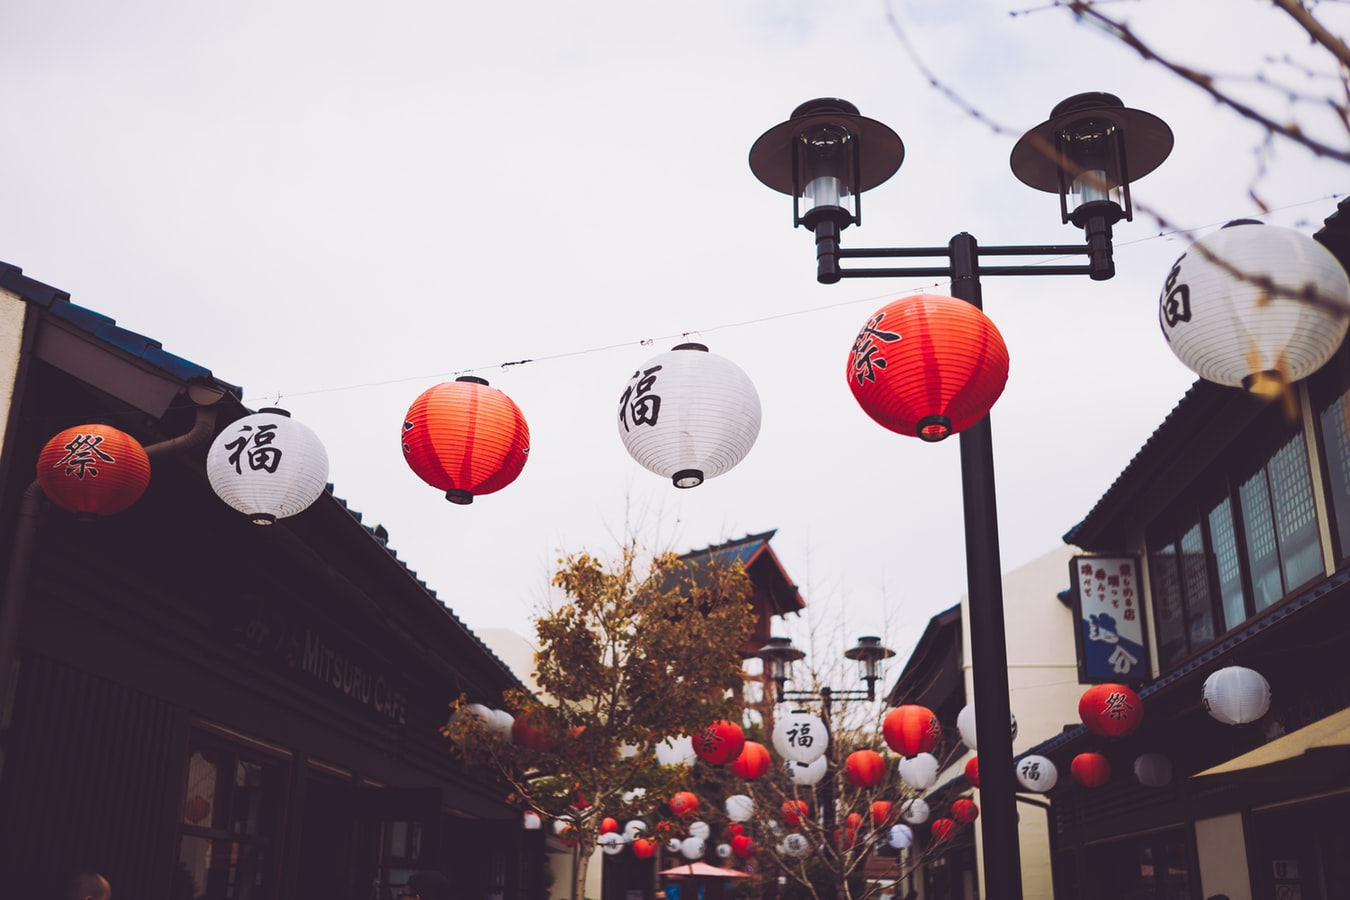 Depuis 2010, l'AIBSL et l'UQAR ont appuyé, chaque année, la fête du Nouvel an chinois à Rimouski.